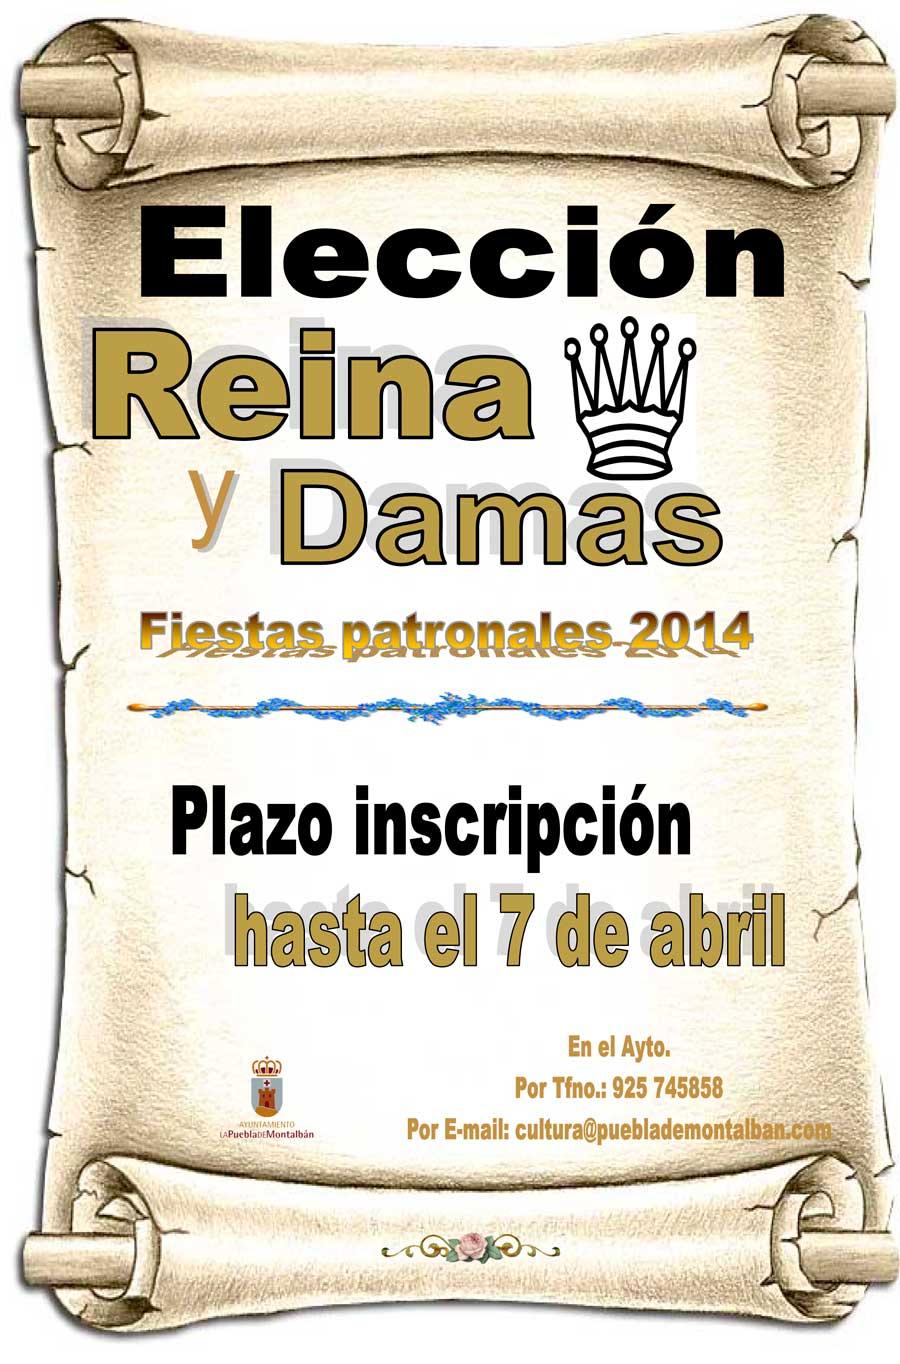 damas2014